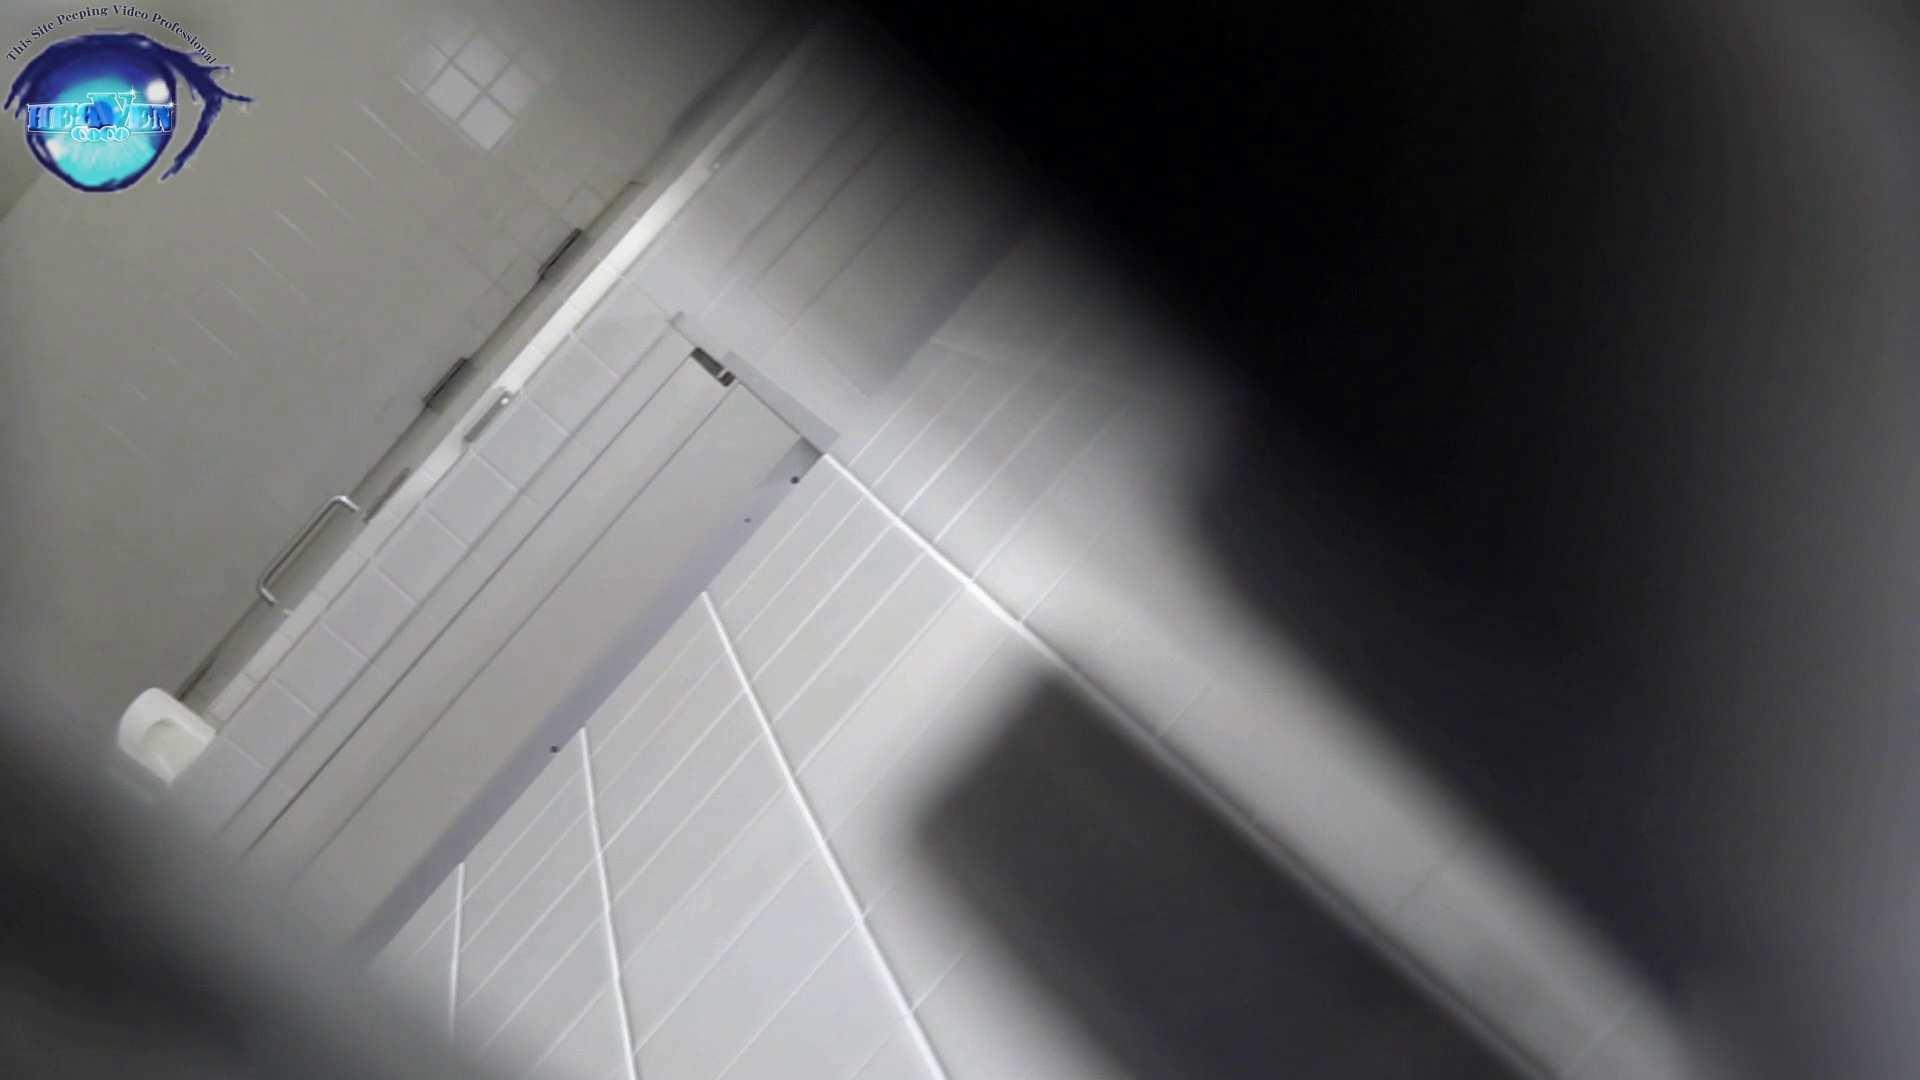 お銀さんの「洗面所突入レポート!!」 vol.51 突入最前線!おまけ付き 前編 洗面所 | OLすけべ画像  38連発 31